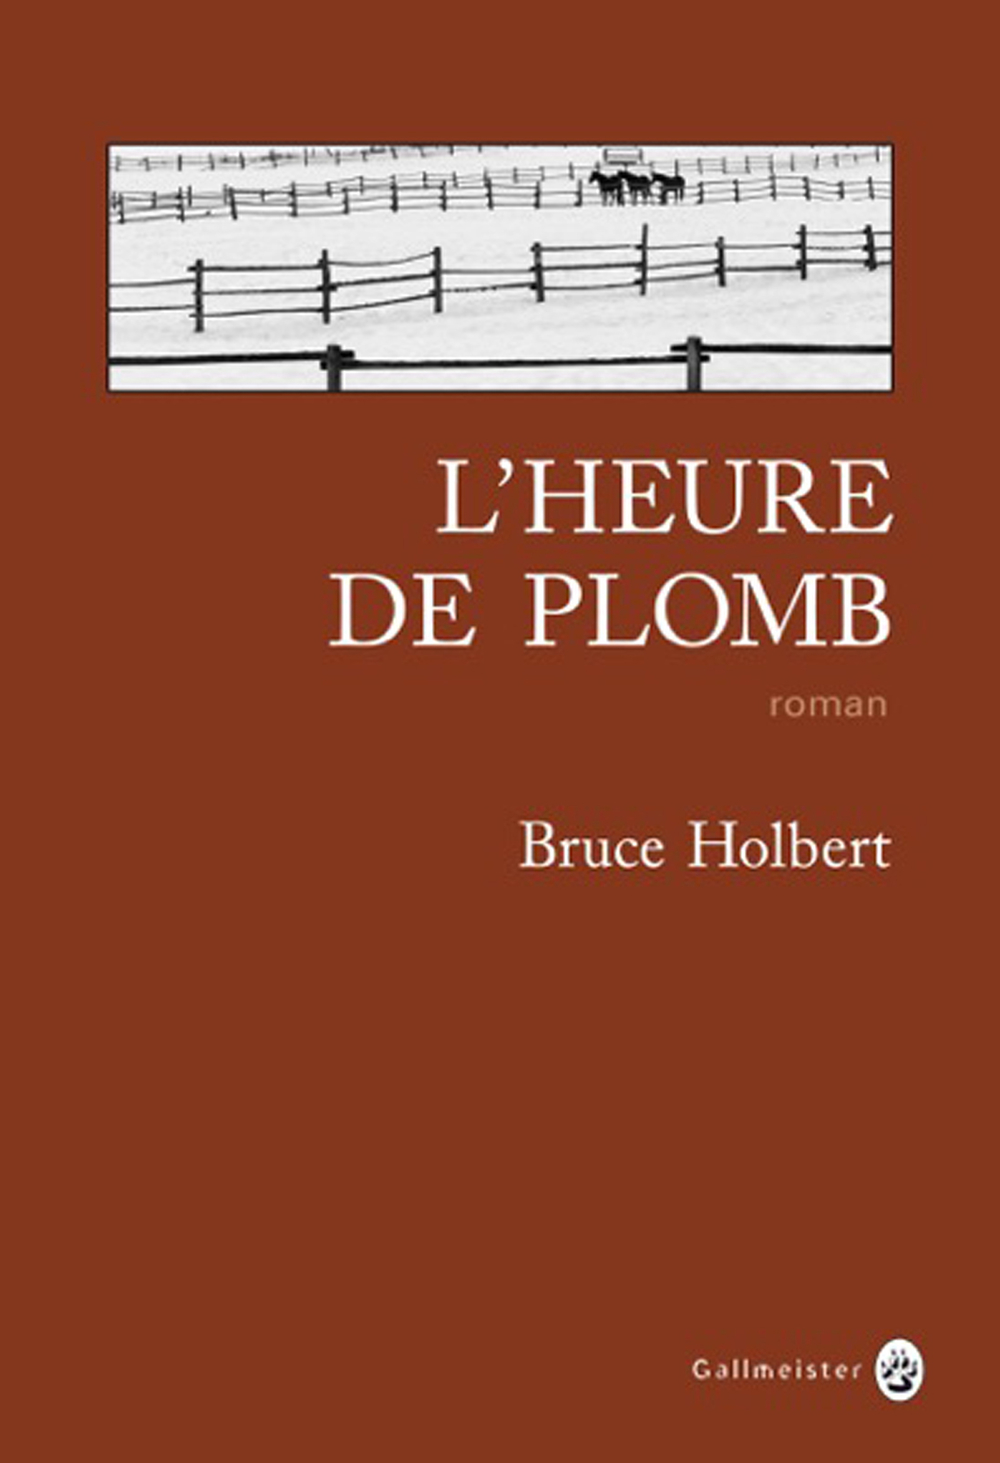 L'Heure de plomb | HOLBERT, Bruce